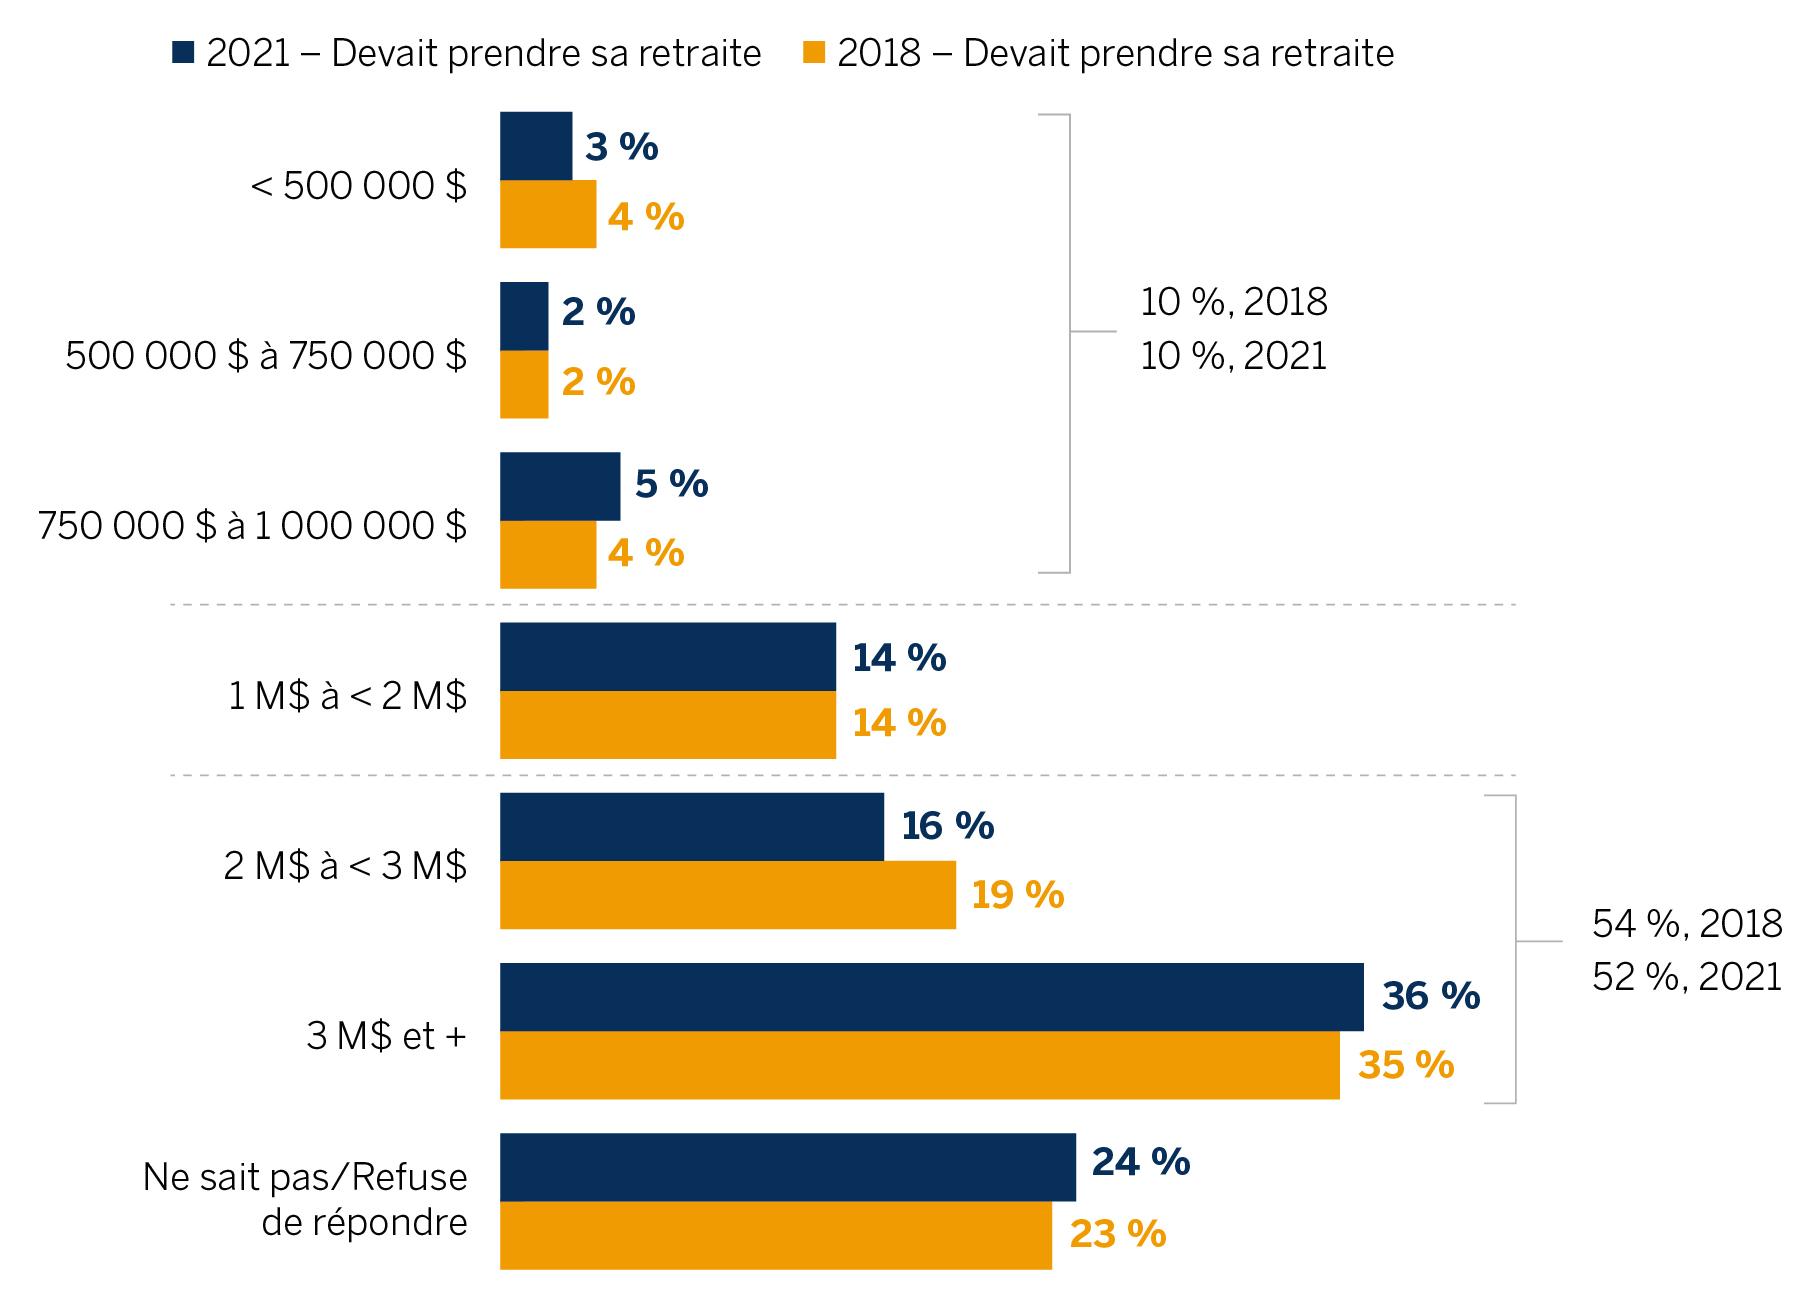 Graphique à barres comparant l'actif que les médecins s'attendent à devoir accumuler pour une retraite confortable, 2018 par rapport à 2021